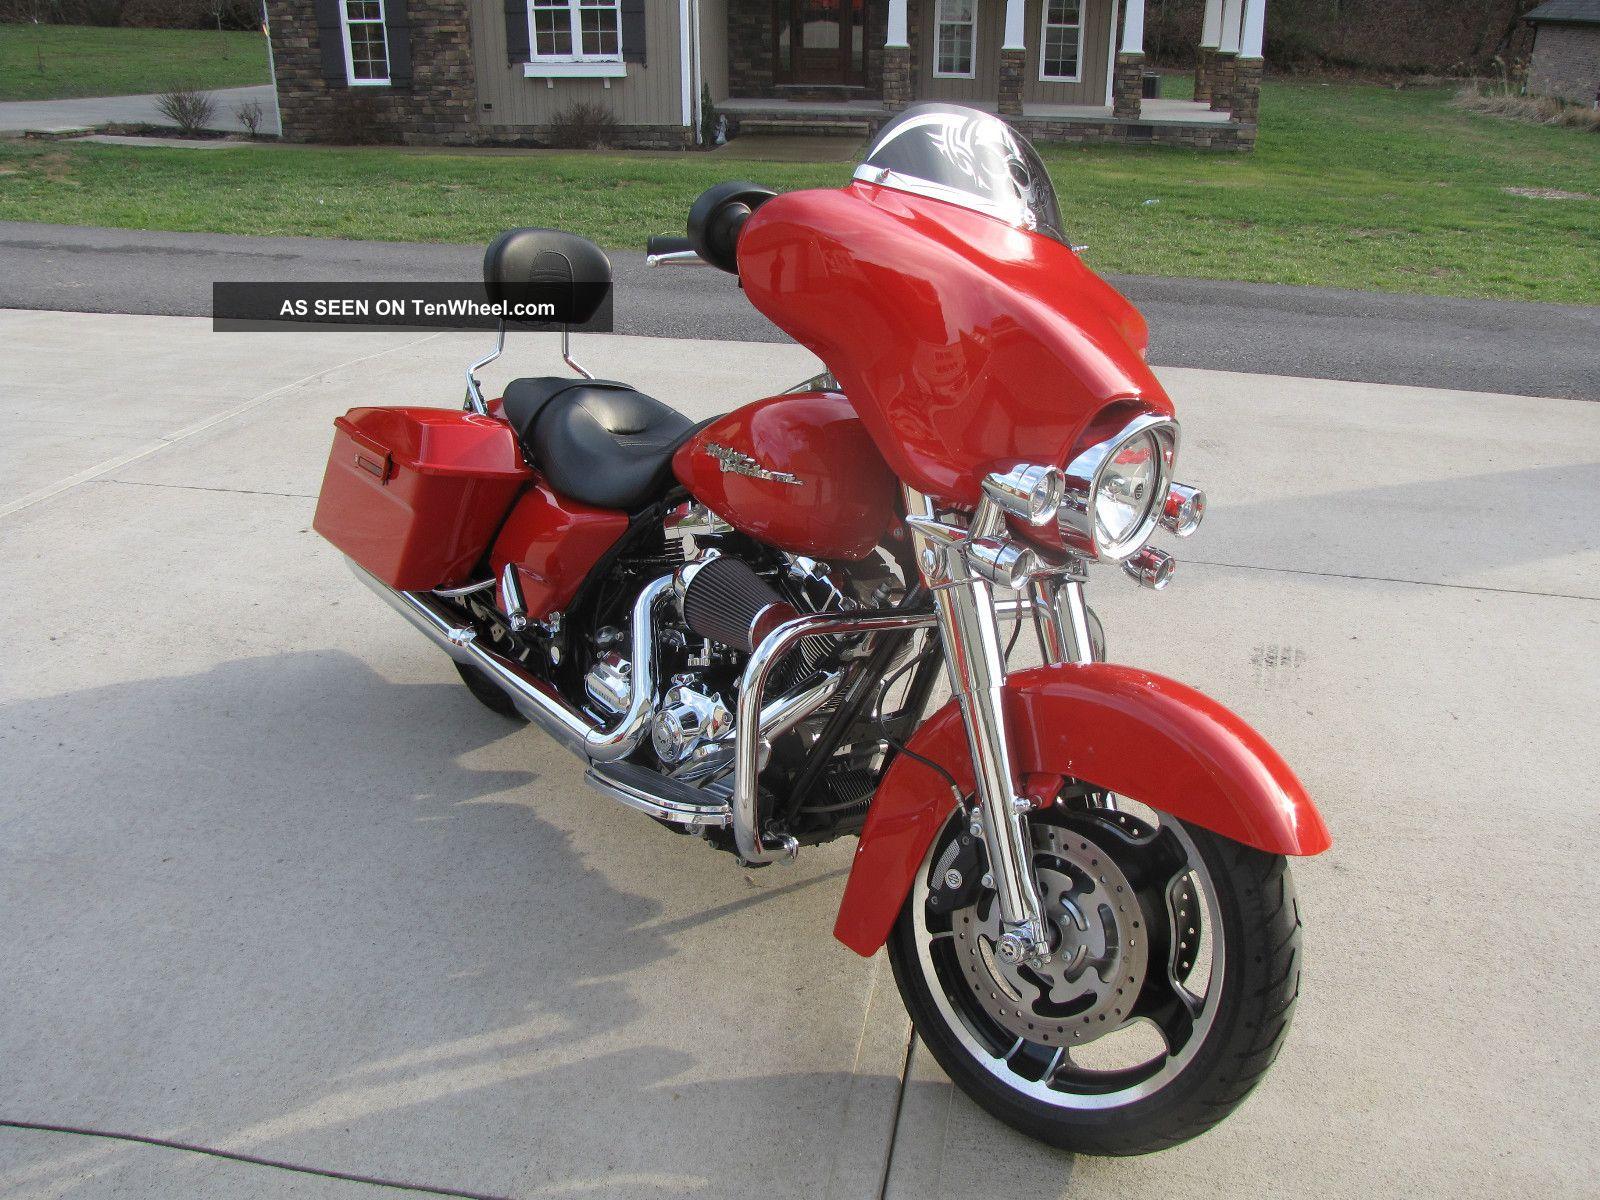 2010 harley davidson street glide flhx bike lots of extras. Black Bedroom Furniture Sets. Home Design Ideas